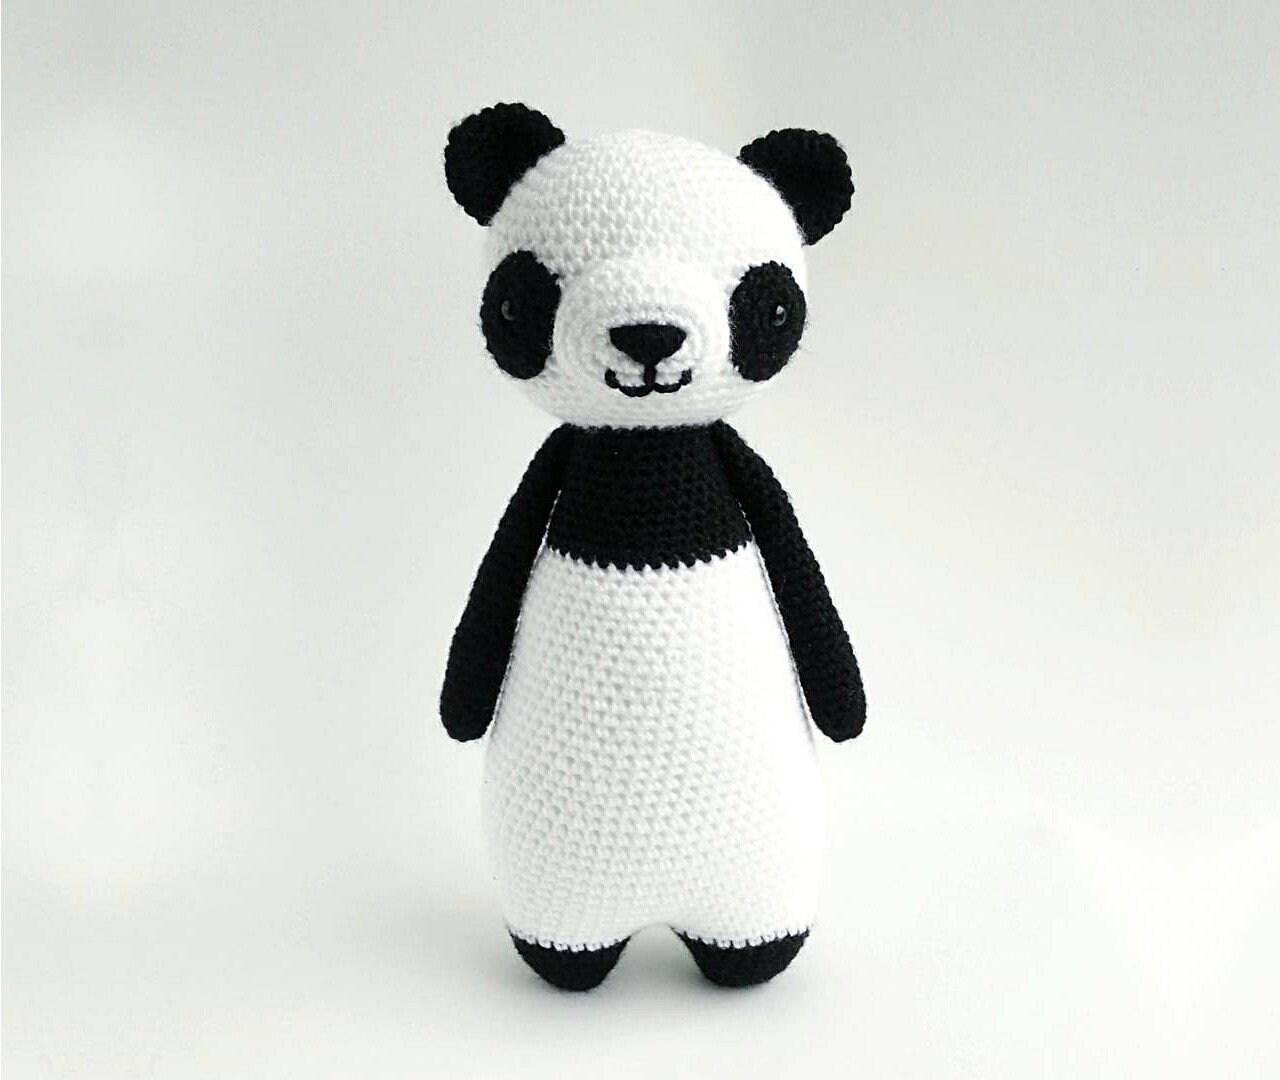 Oso Panda Patrón de Crochet Patrón de Ganchillo Amigurumi   Etsy